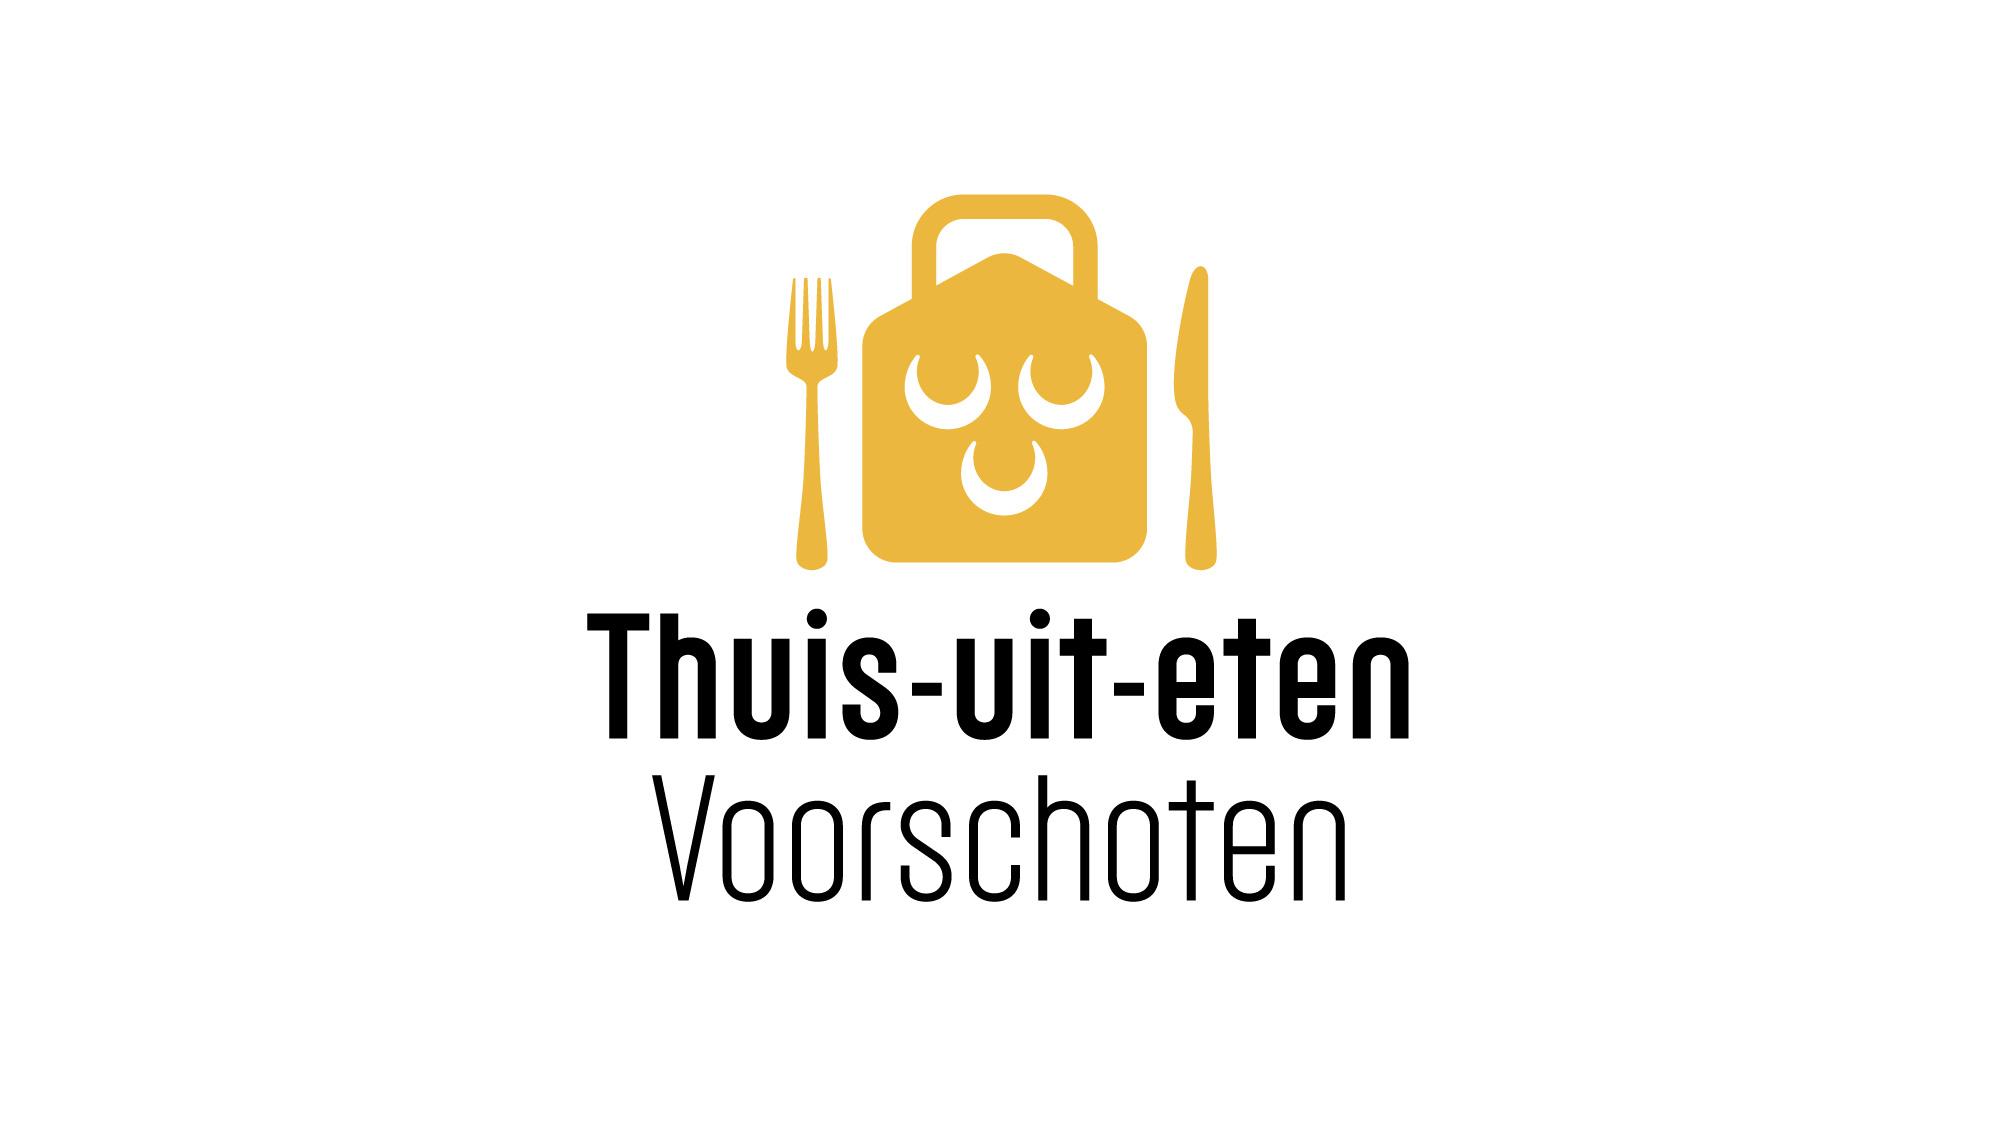 thuis_uit_eten_voorschoten_2